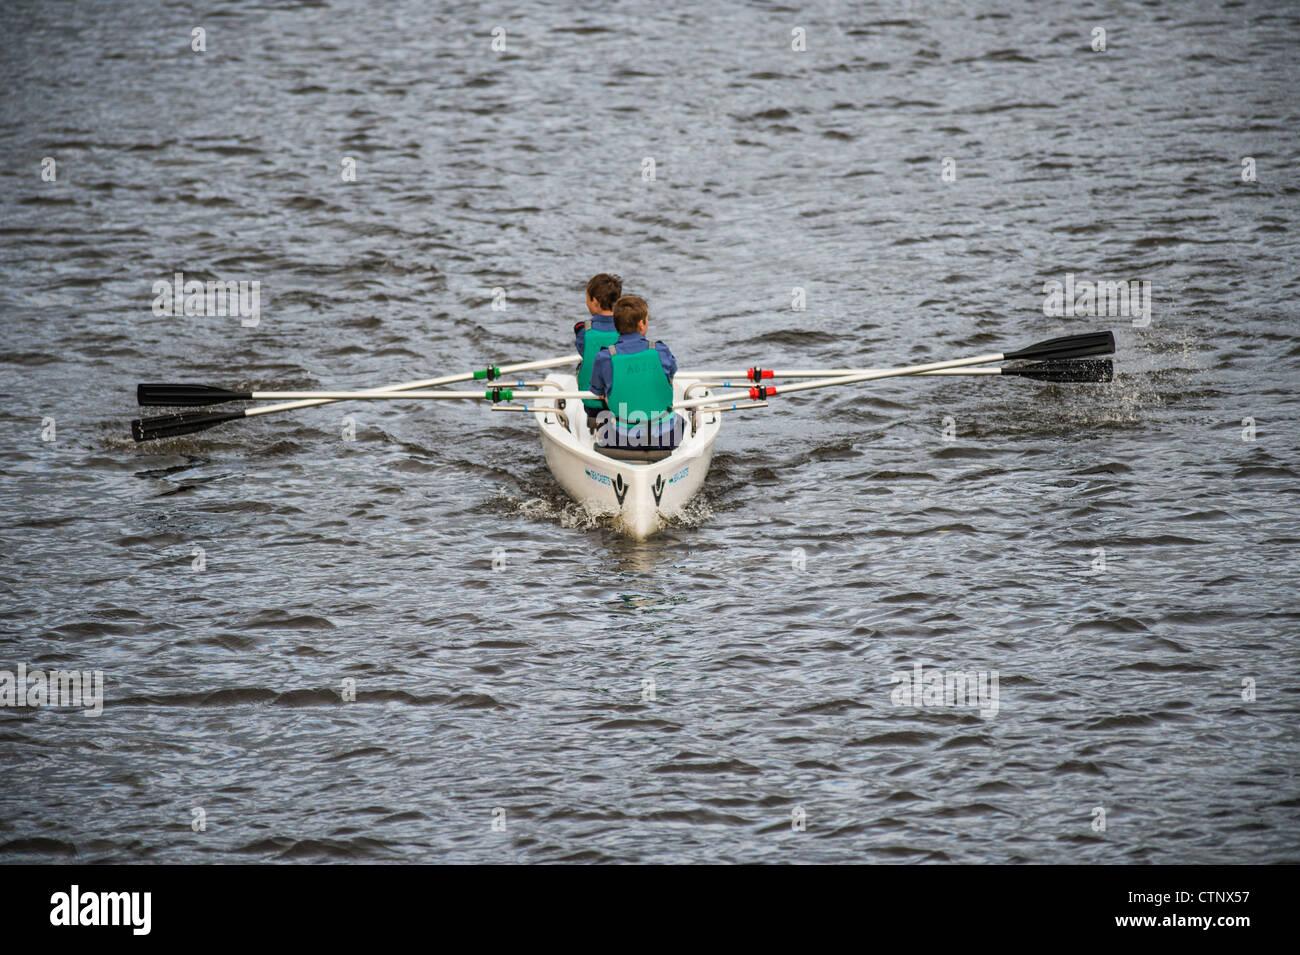 Cadetti del mare in una barca a remi sul fiume Rheidol, Aberystwyth Wales UK Immagini Stock